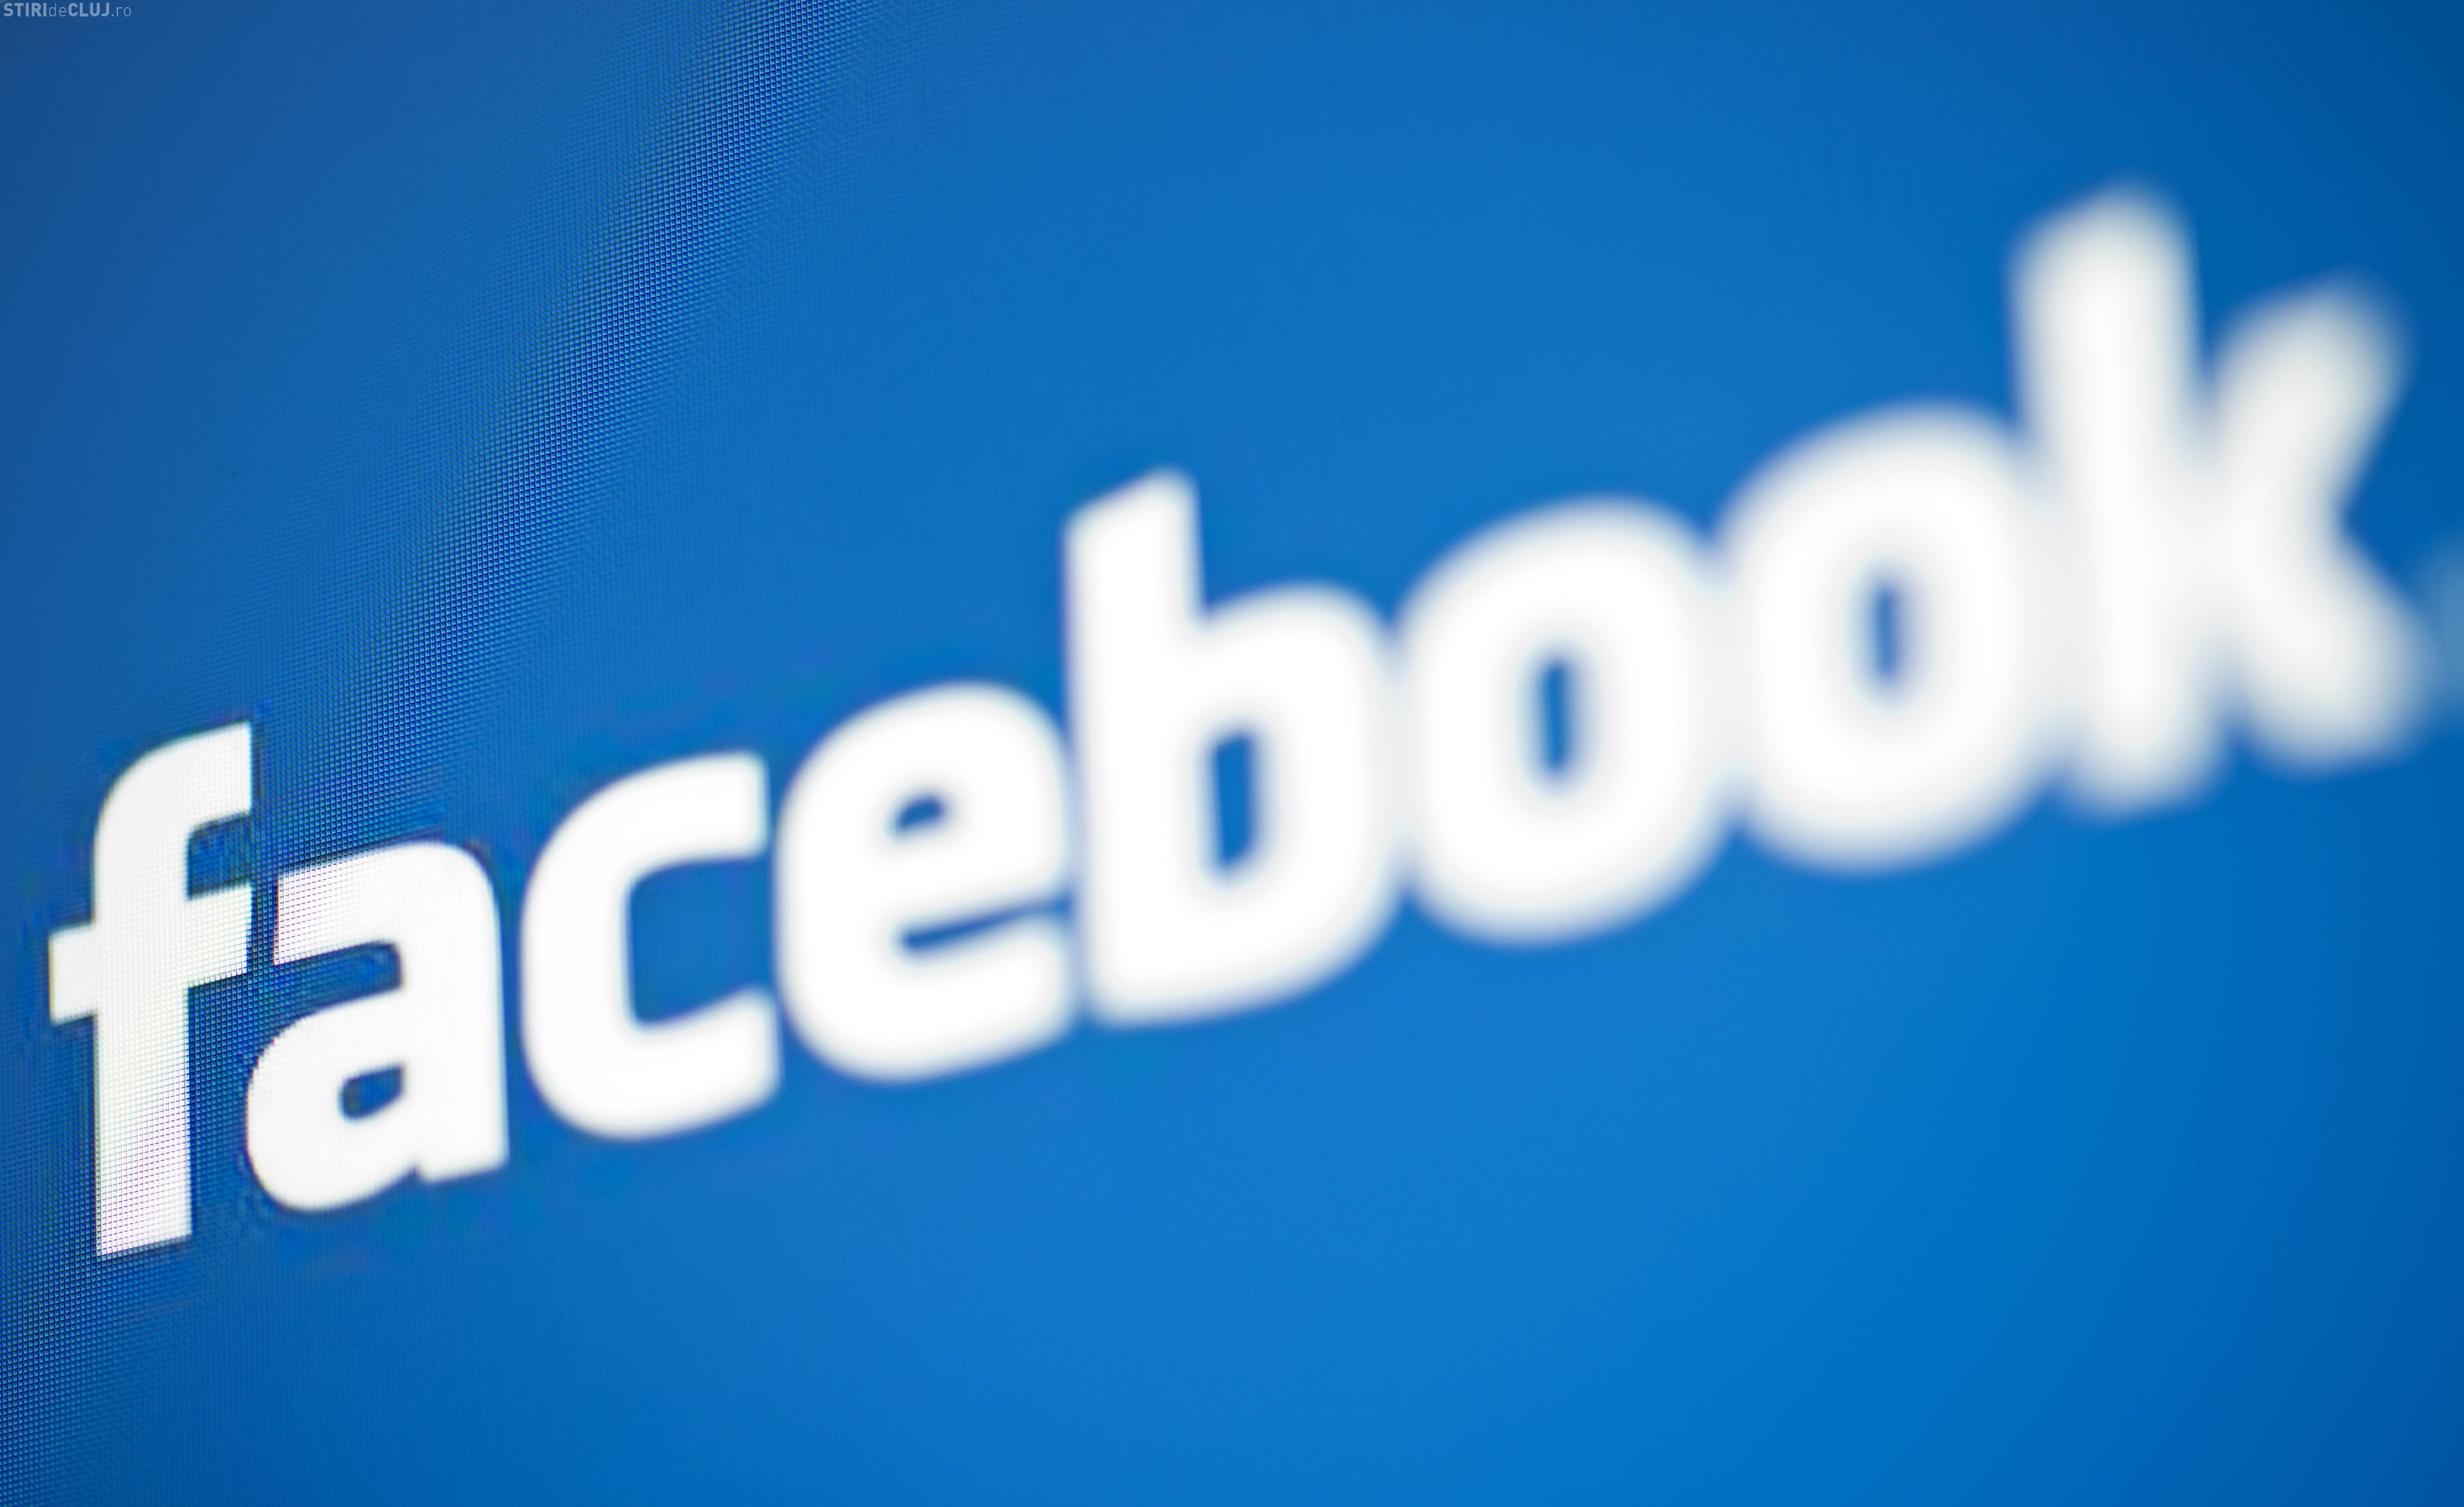 Facebook colectează datele și celor care nu folosesc rețeaua socială. Unul dintre șefii companiei a recunoscut